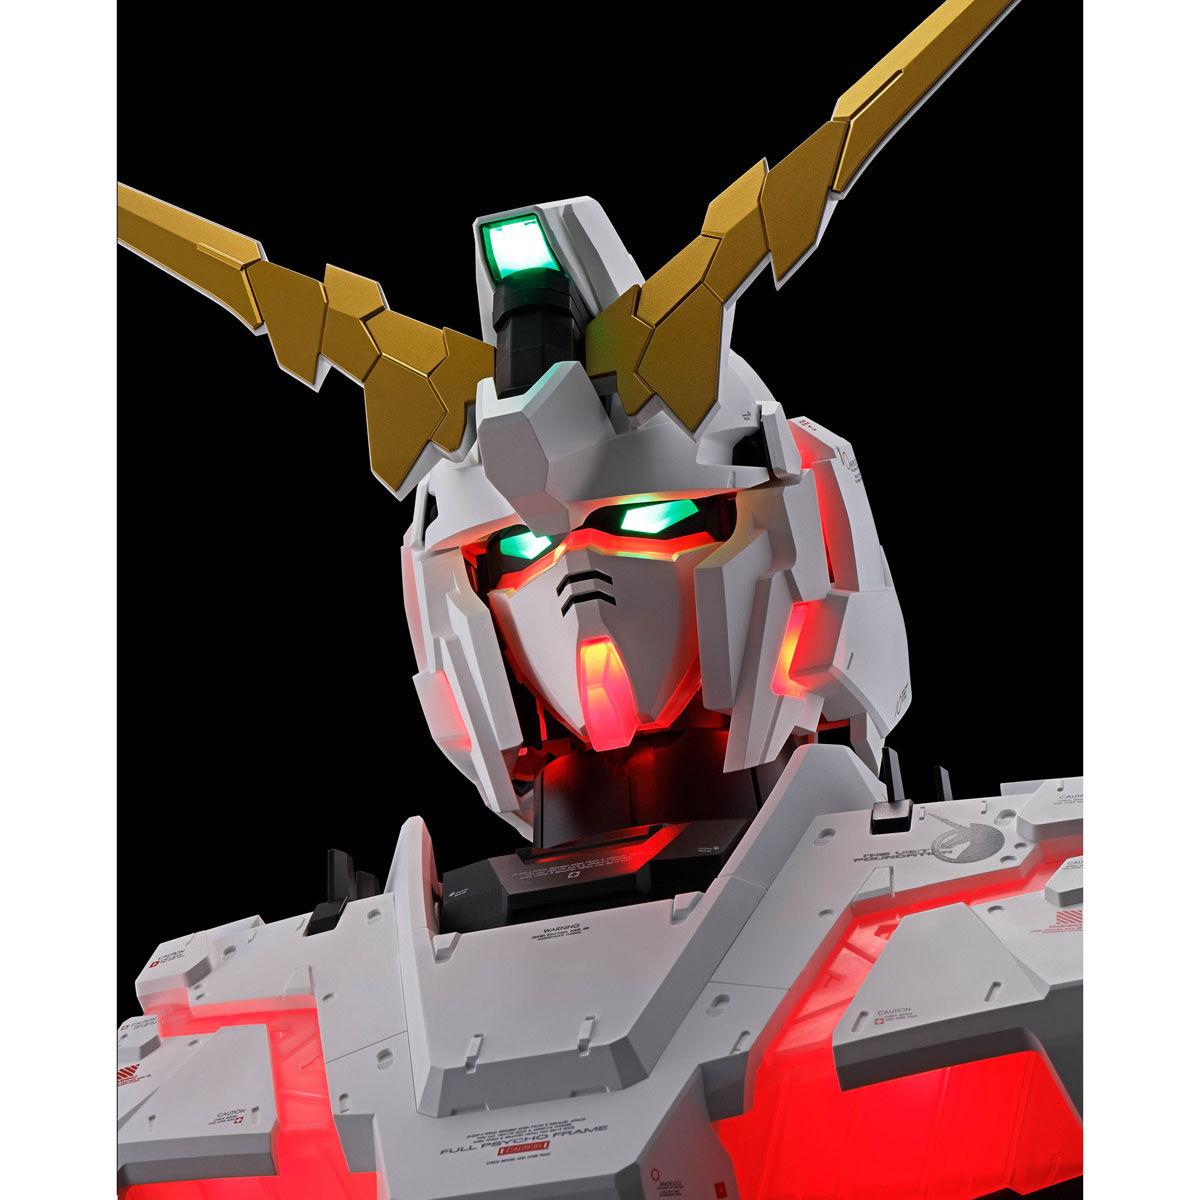 【限定販売】REAL EXPERIENCE MODEL『RX-0 ユニコーンガンダム(AUTO-TRANS edition)』ガンダムUC プラモデル-004